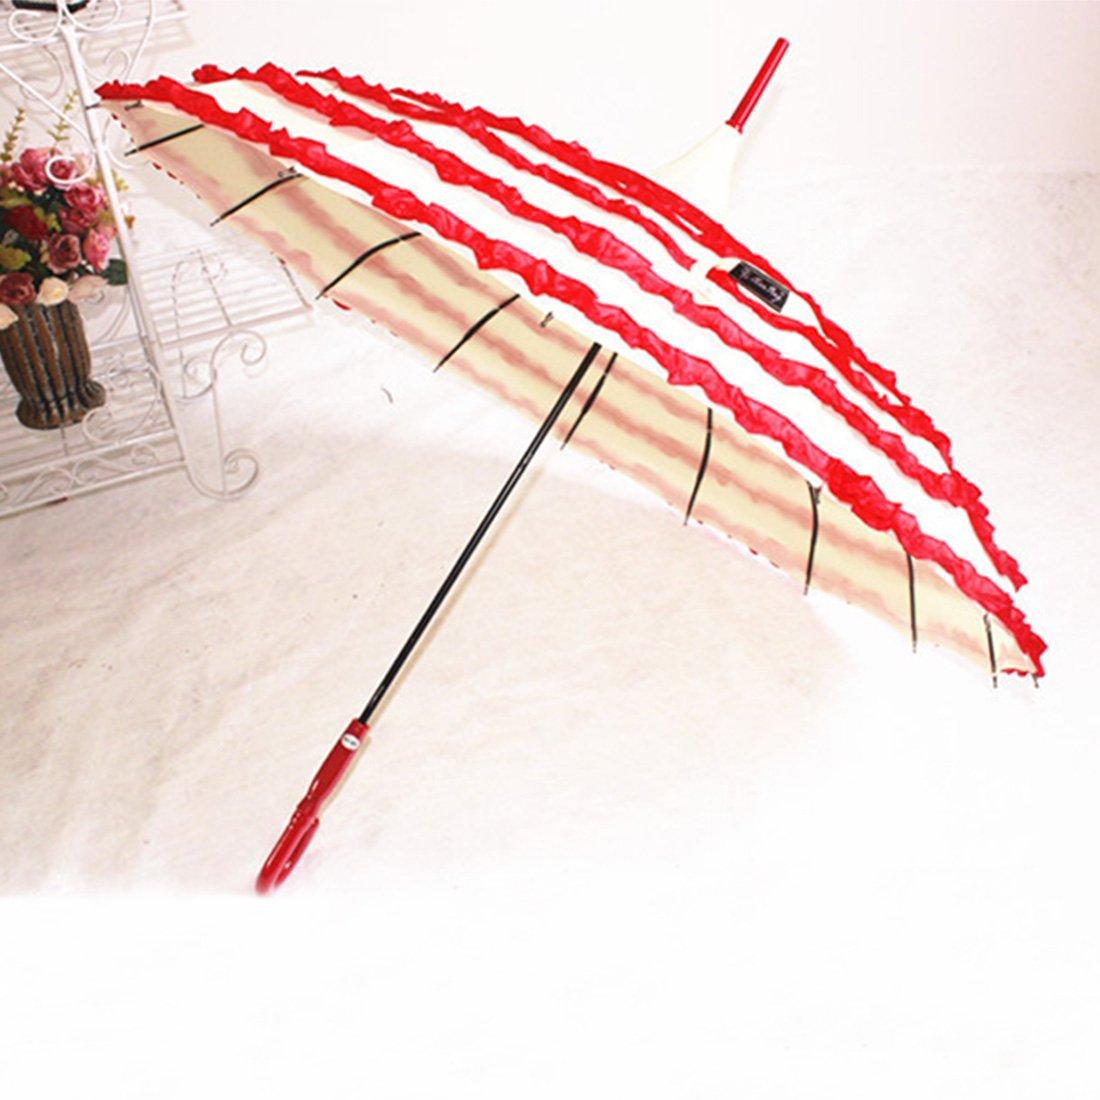 创意宝塔蕾丝雨伞 可爱淑女复古宫廷花边公主伞 16骨长柄弯钩晴雨遮阳